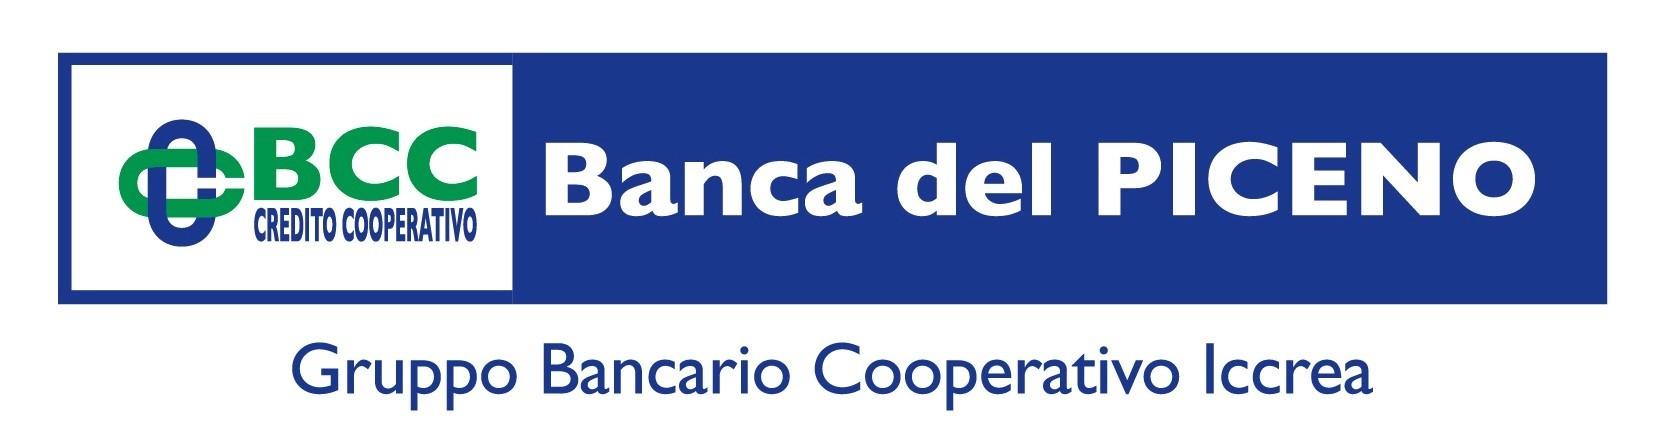 Banca Del Piceno Credito Cooperativo Linkedin